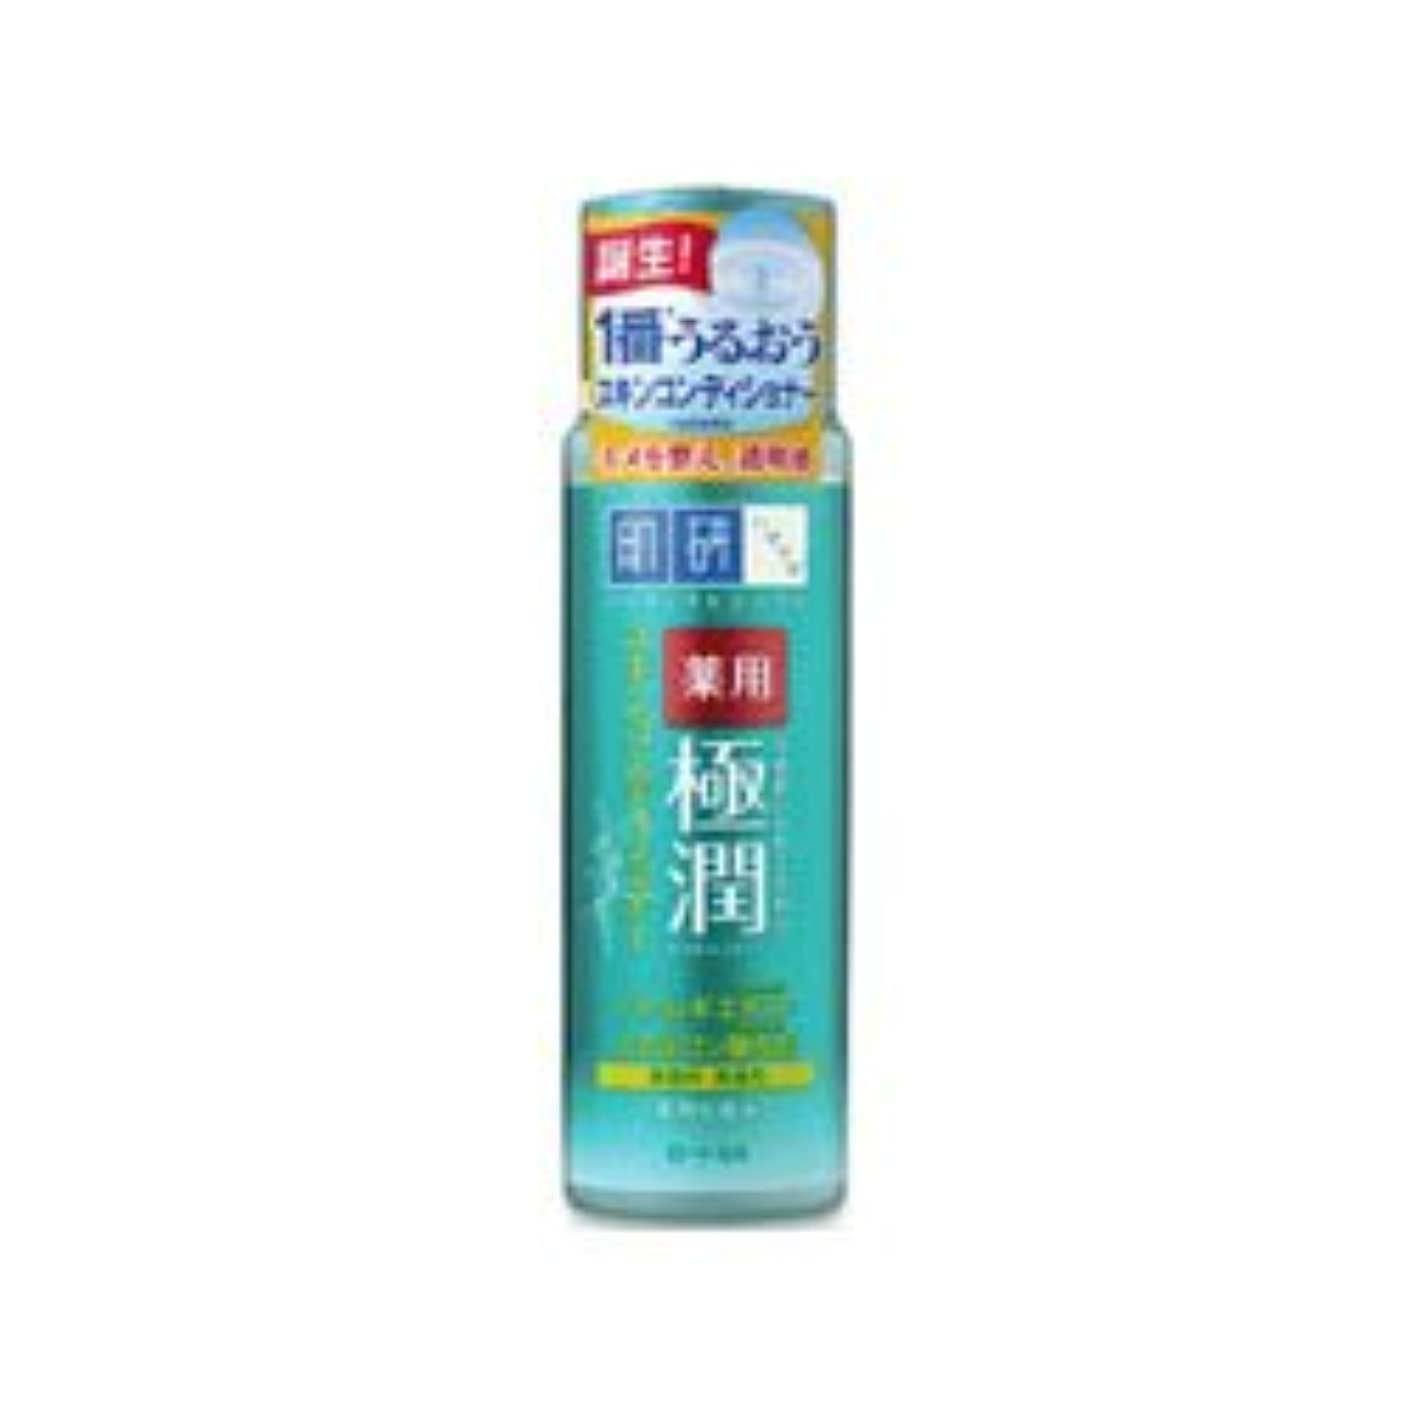 淡いダニどっち【ロート製薬】肌研 薬用極潤スキンコンディショナー 170ml(医薬部外品) ×3個セット